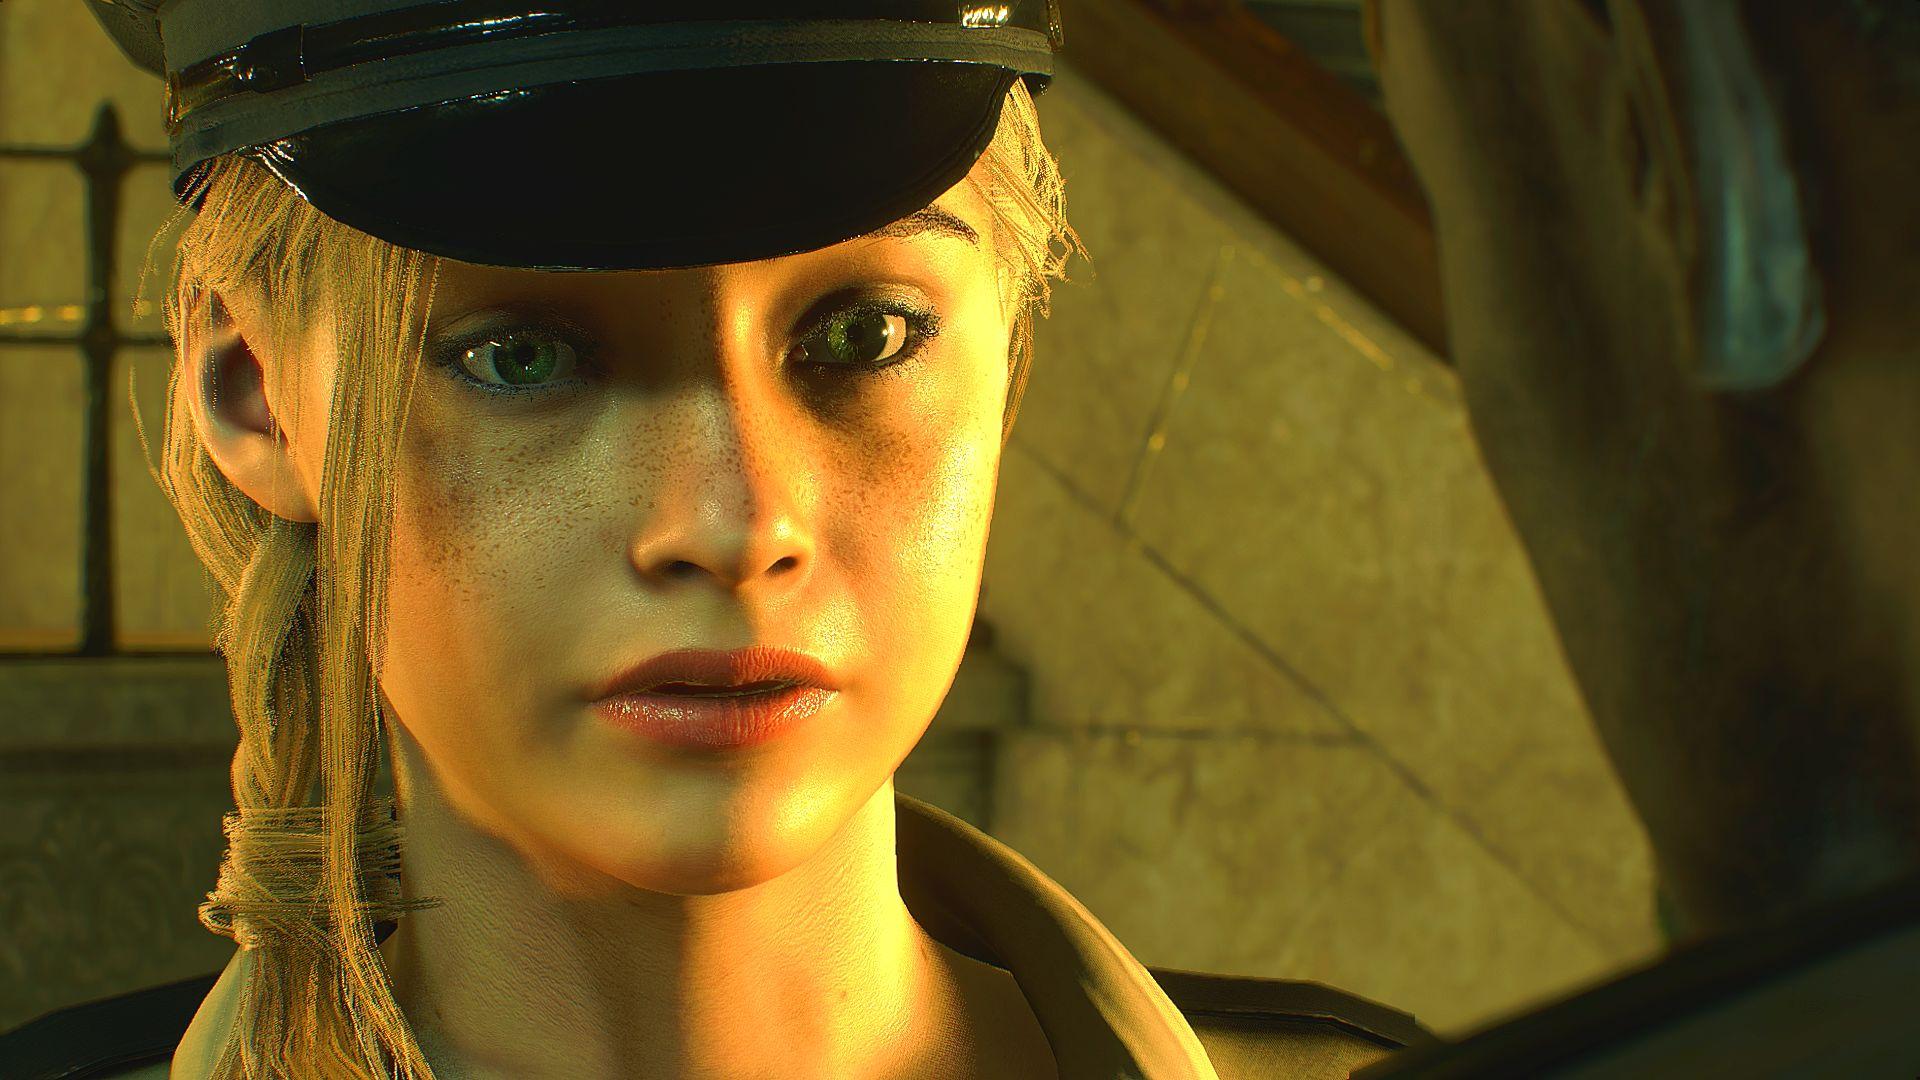 000750.Jpg - Resident Evil 2